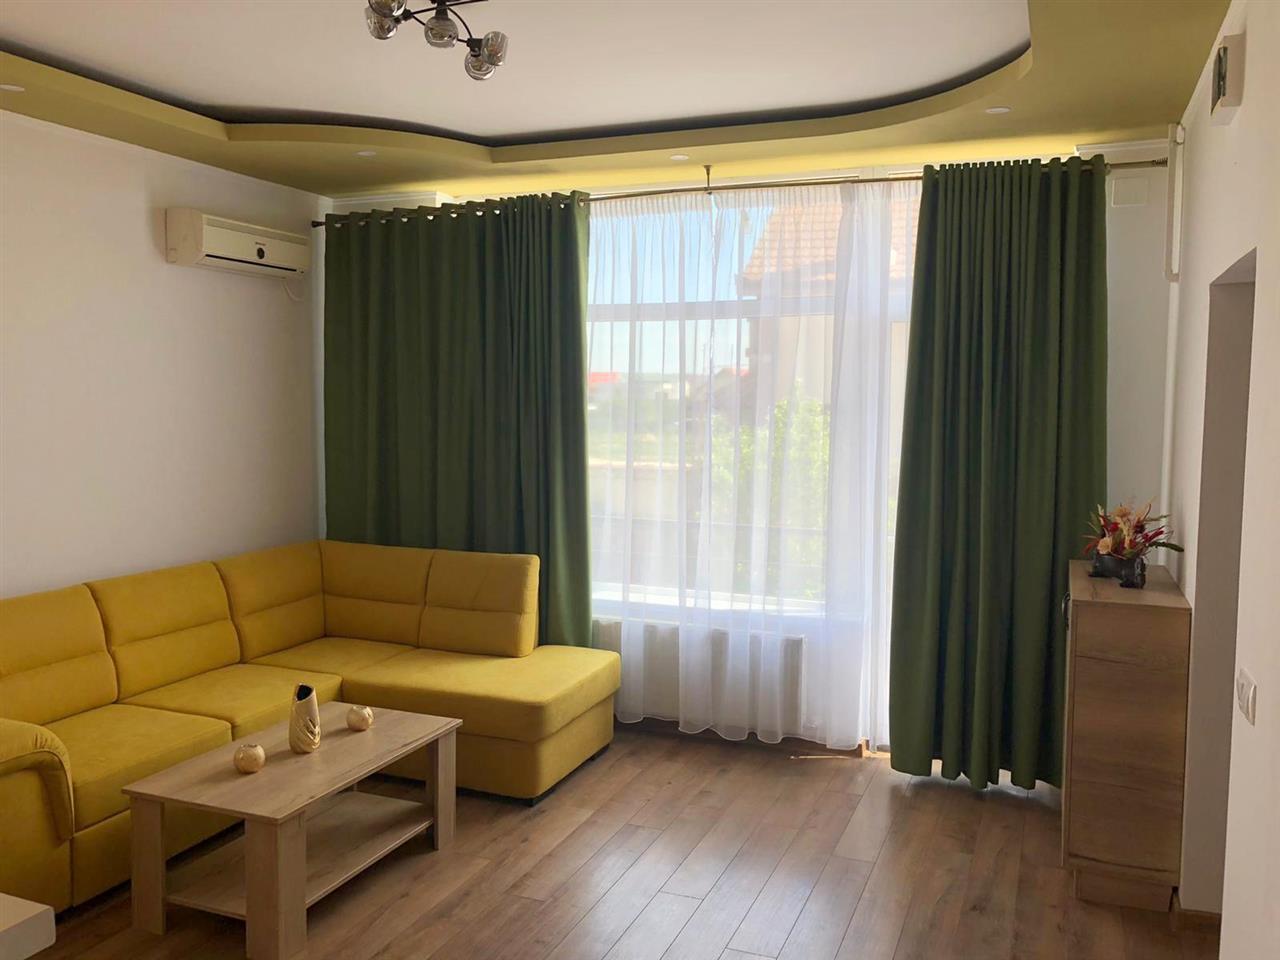 Apartament mobilat de inchiriat la vila in Selimbar